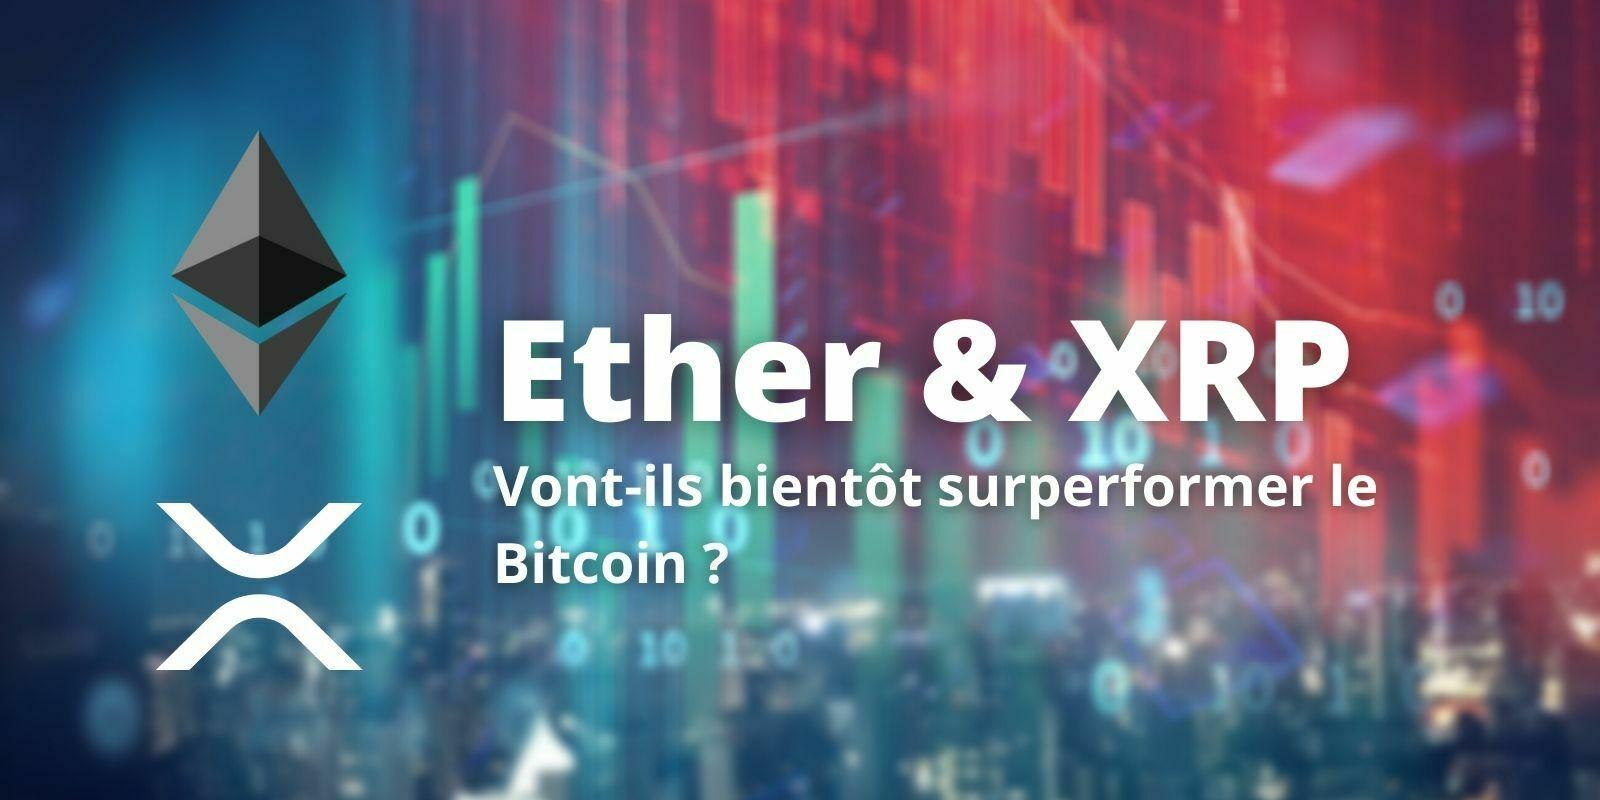 L'Ethereum (ETH) et le XRP pourraient surperformer le Bitcoin (BTC) à court terme